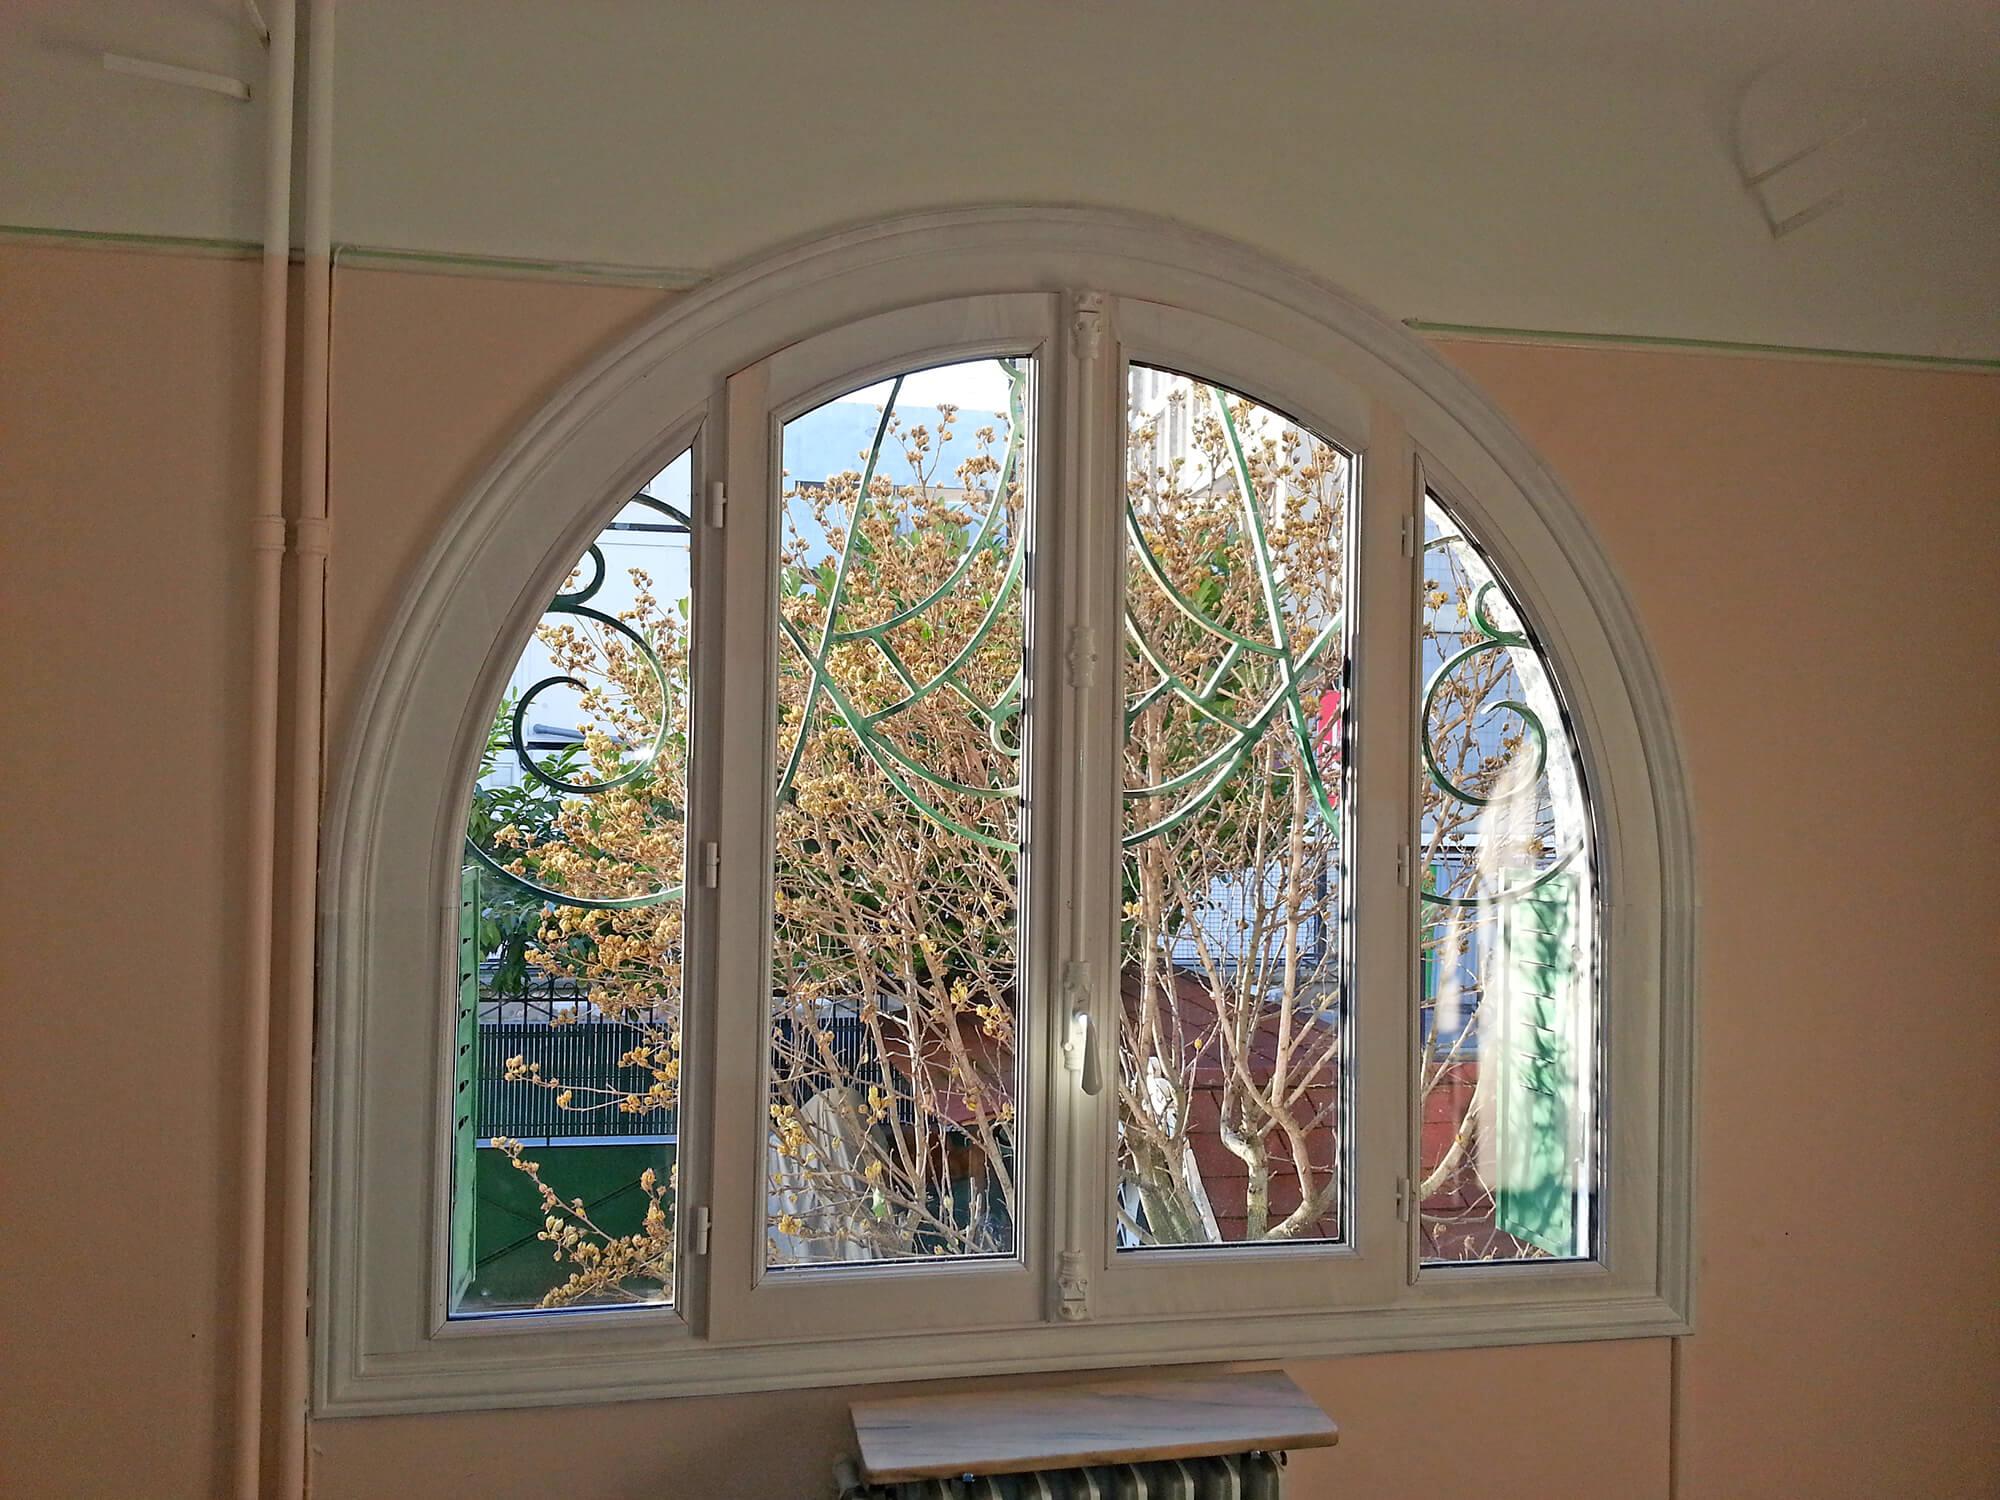 R alisation de fen tre en bois blanche et grille en fer for Creation chambre sans fenetre